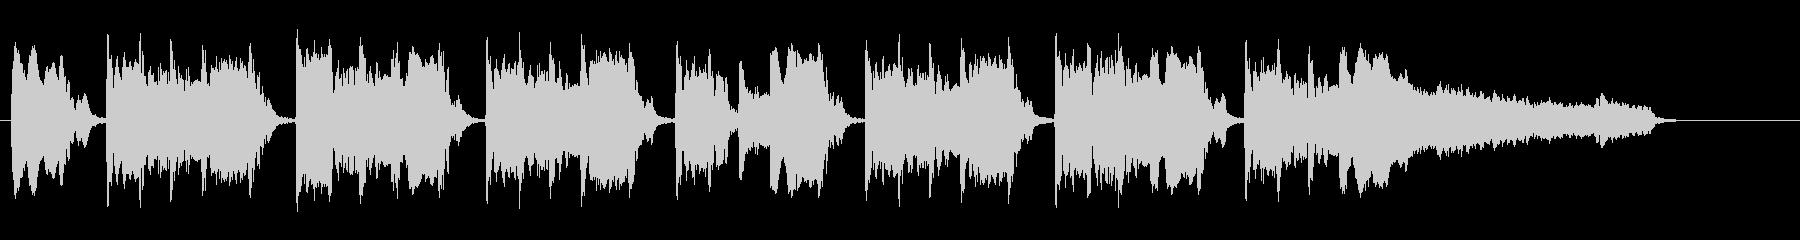 おまぬけぽいBGMの未再生の波形